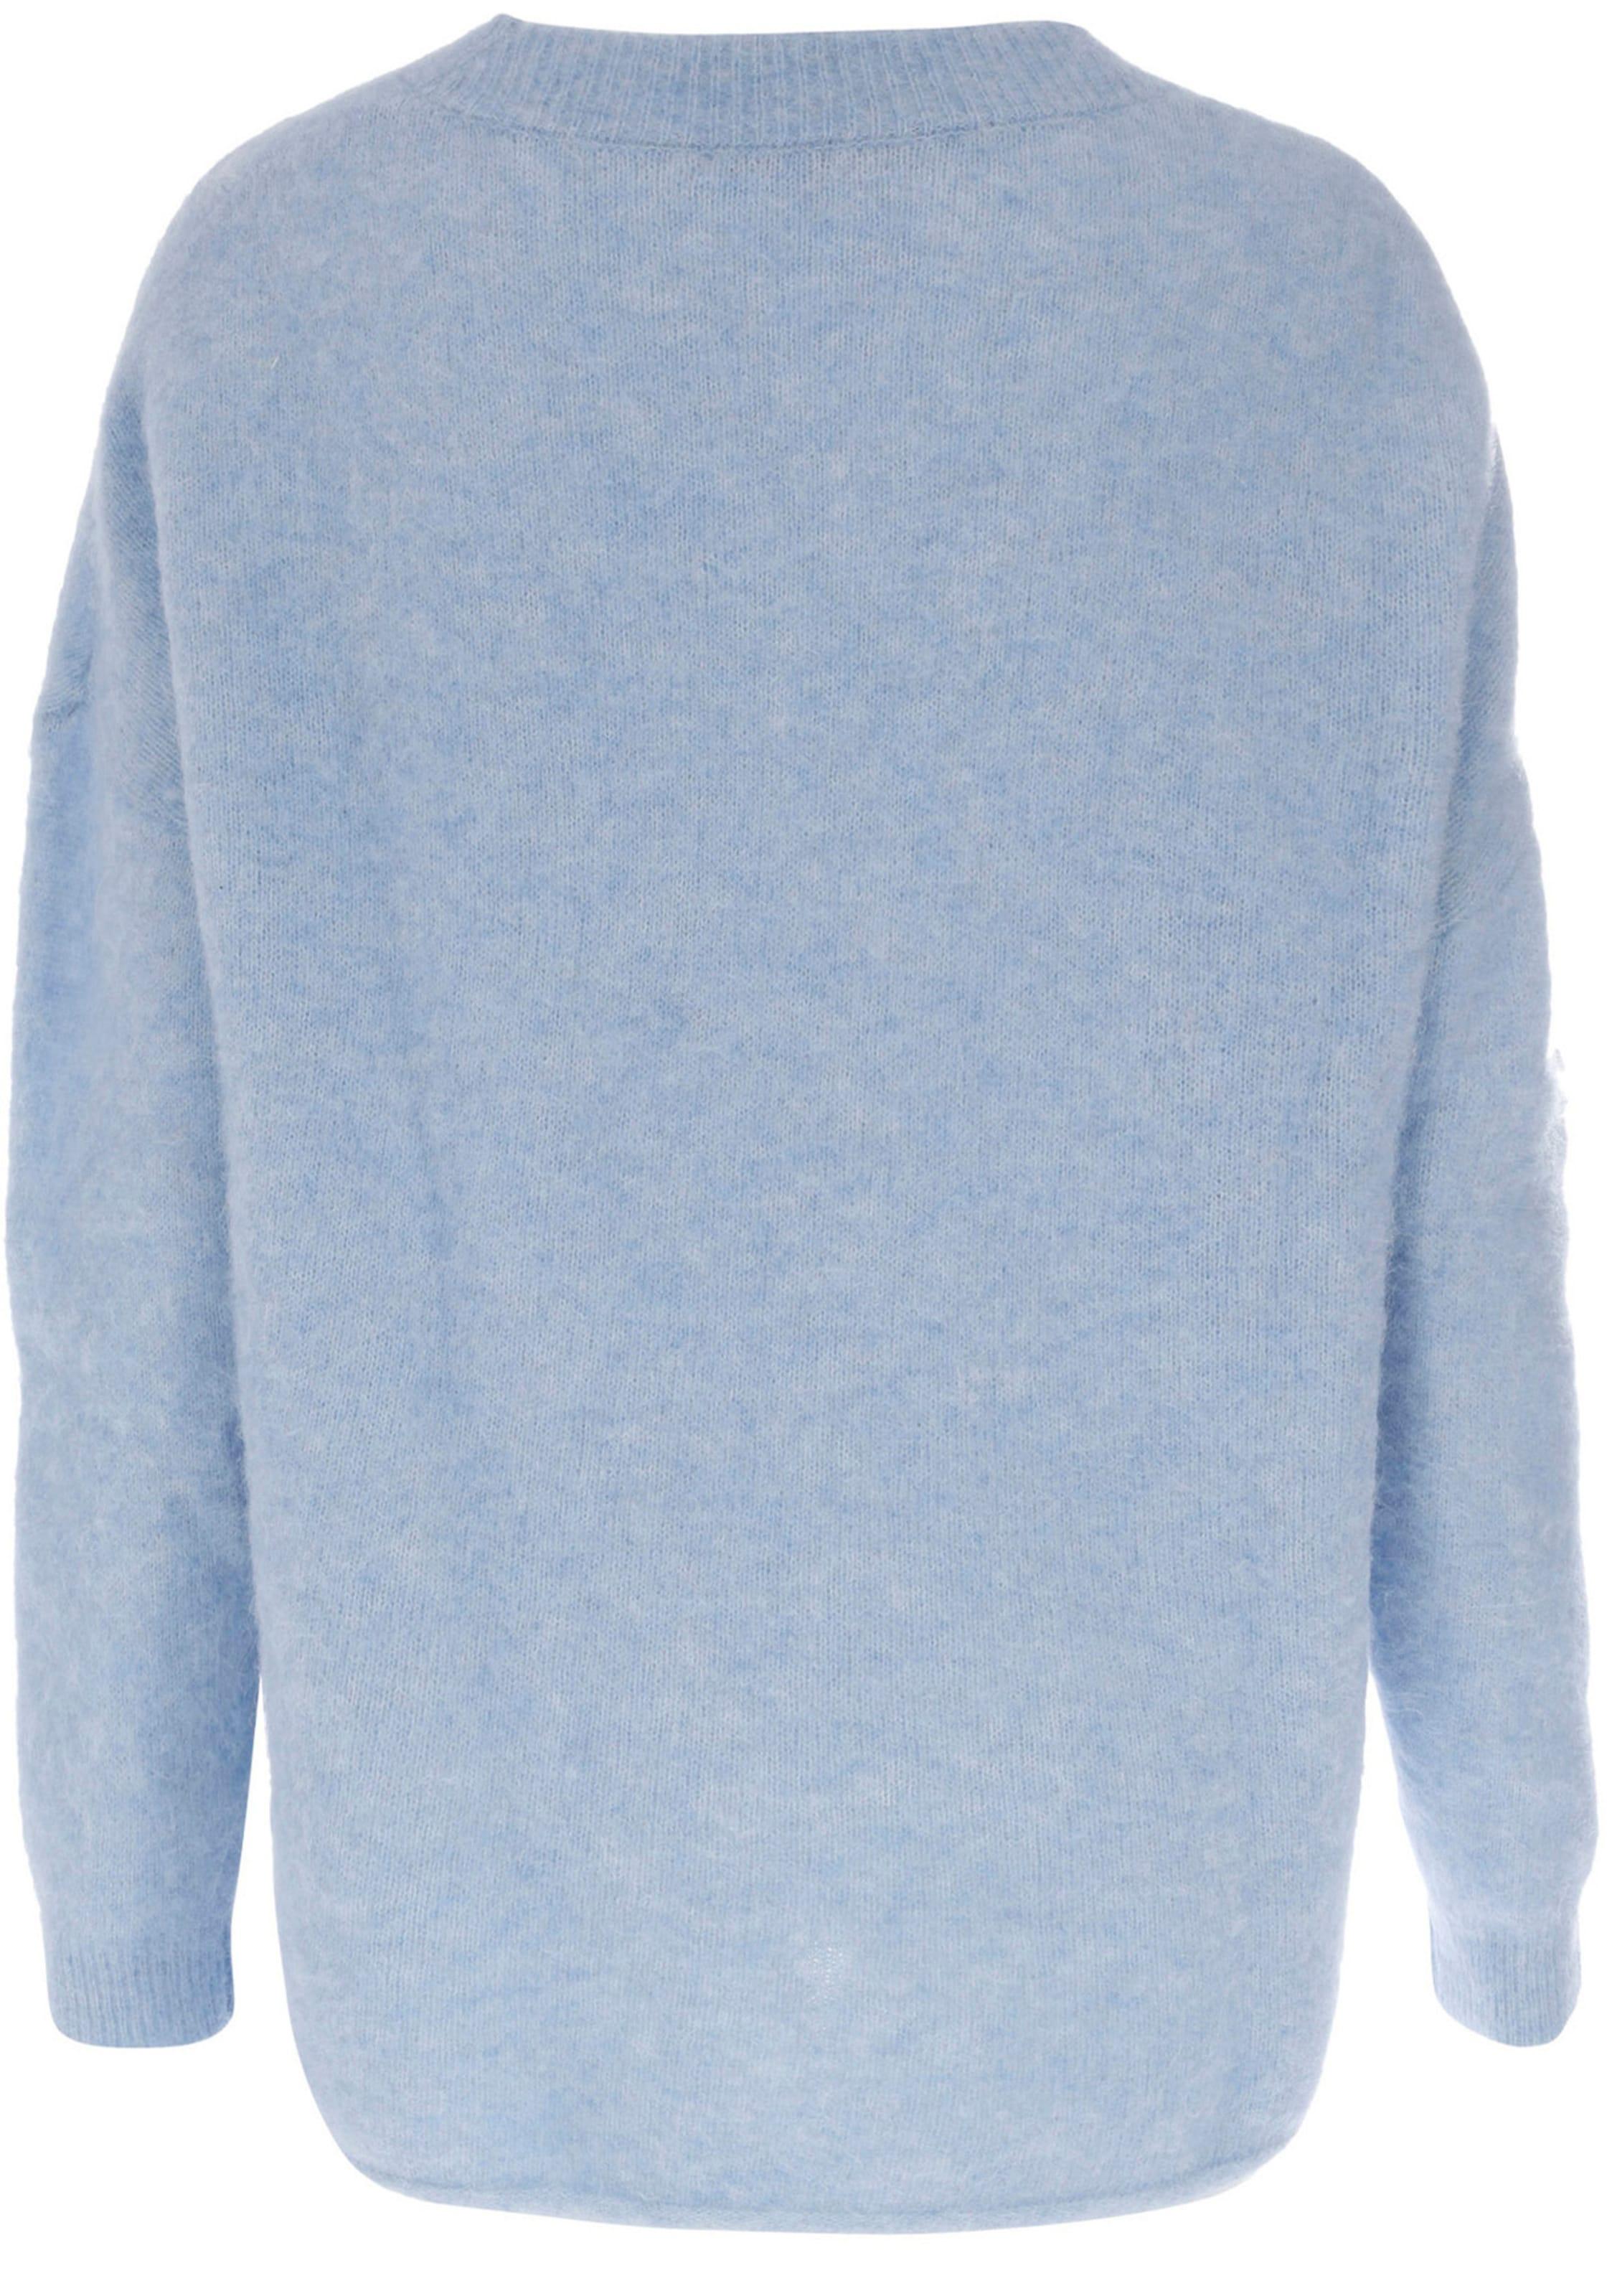 Pullover Bloom Bloom Bloom Pullover In In Blau Pullover Blau SpVUMzGq